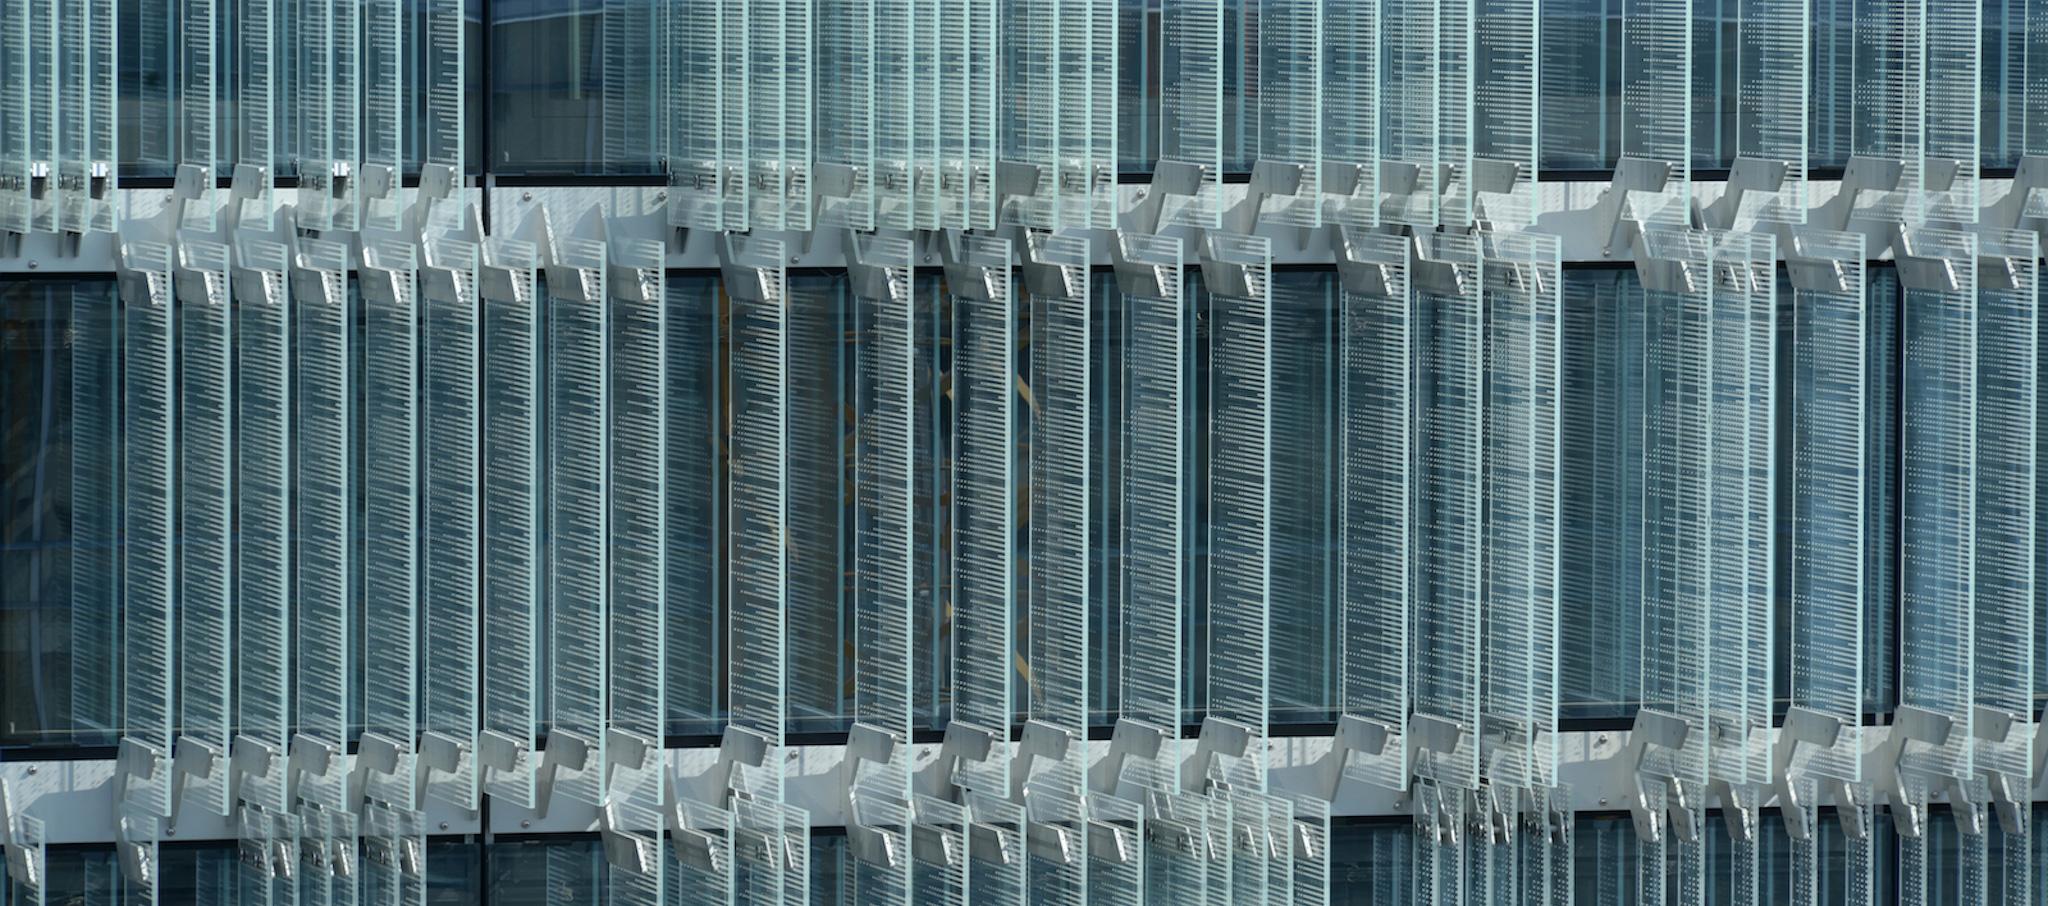 La nueva sede central de SPG en Ginebra por Giovanni Vaccarini. Fotografía © Adrien Buchet